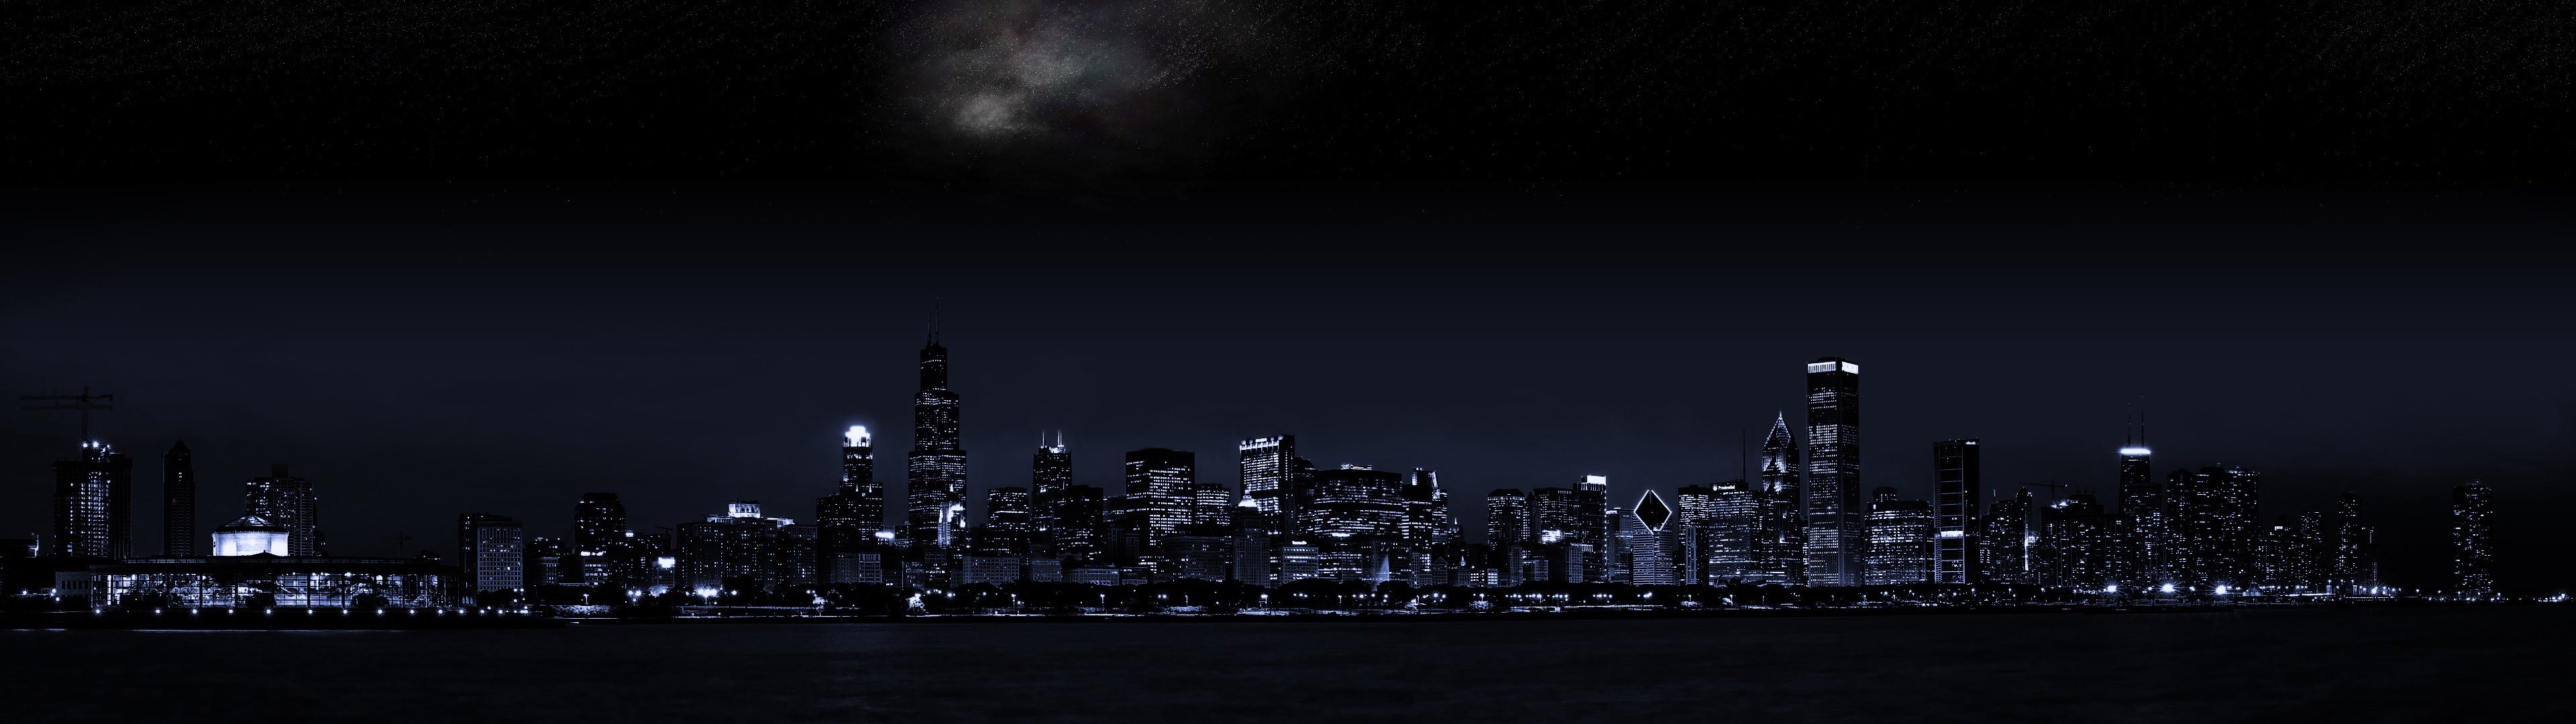 City at night wallpaper 3840x1080 HQ WALLPAPER   35043 3840x1080